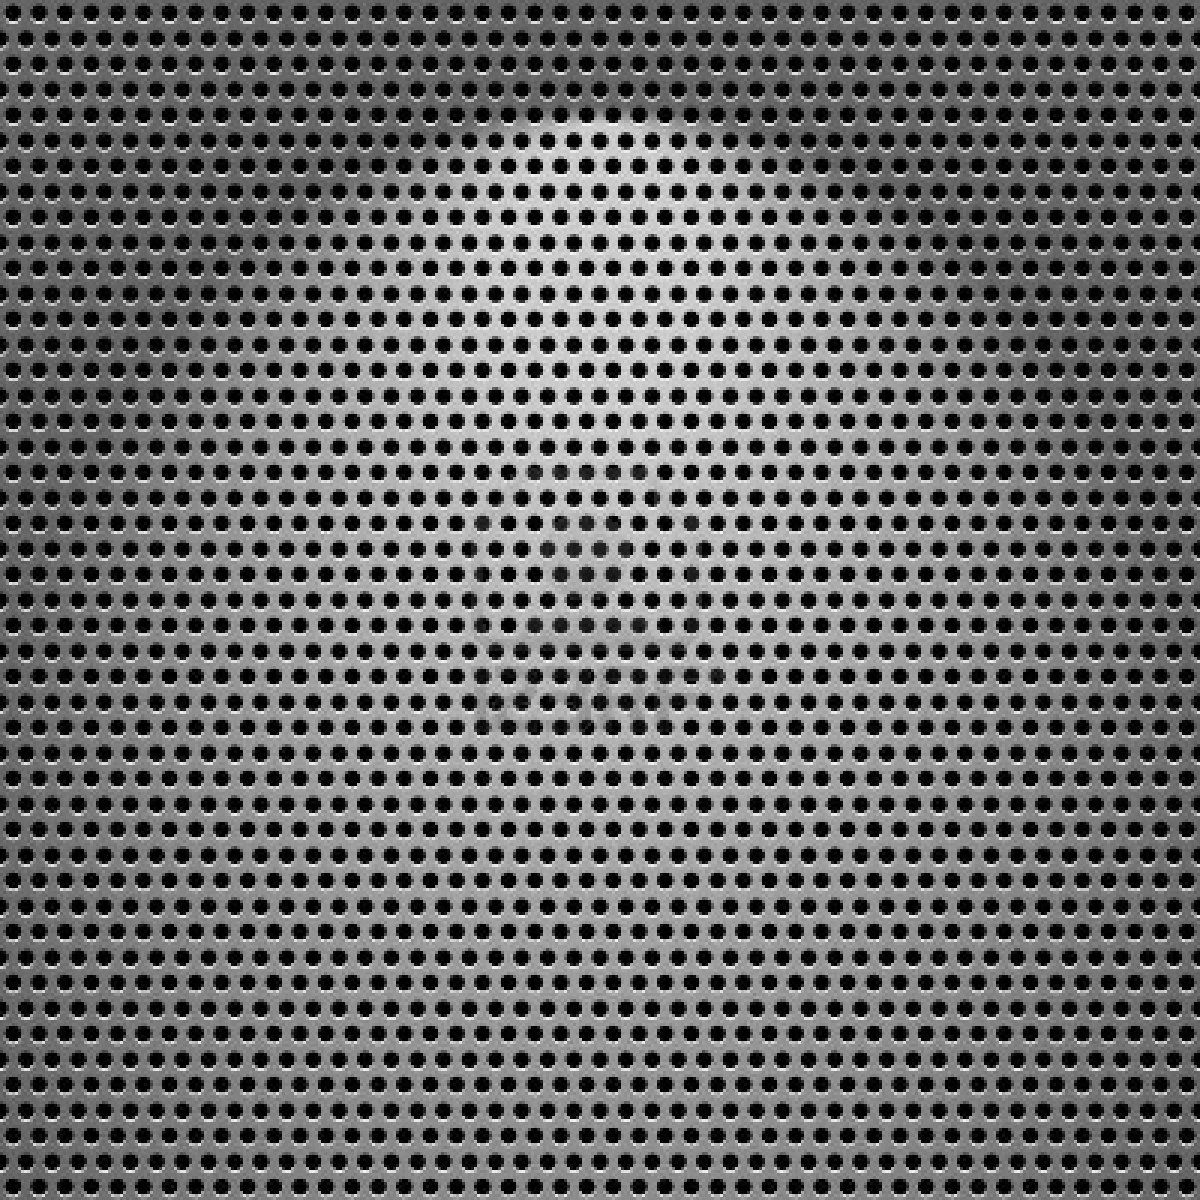 Wood Feature Wallideas: Steel Textures, Vector Graphics Design